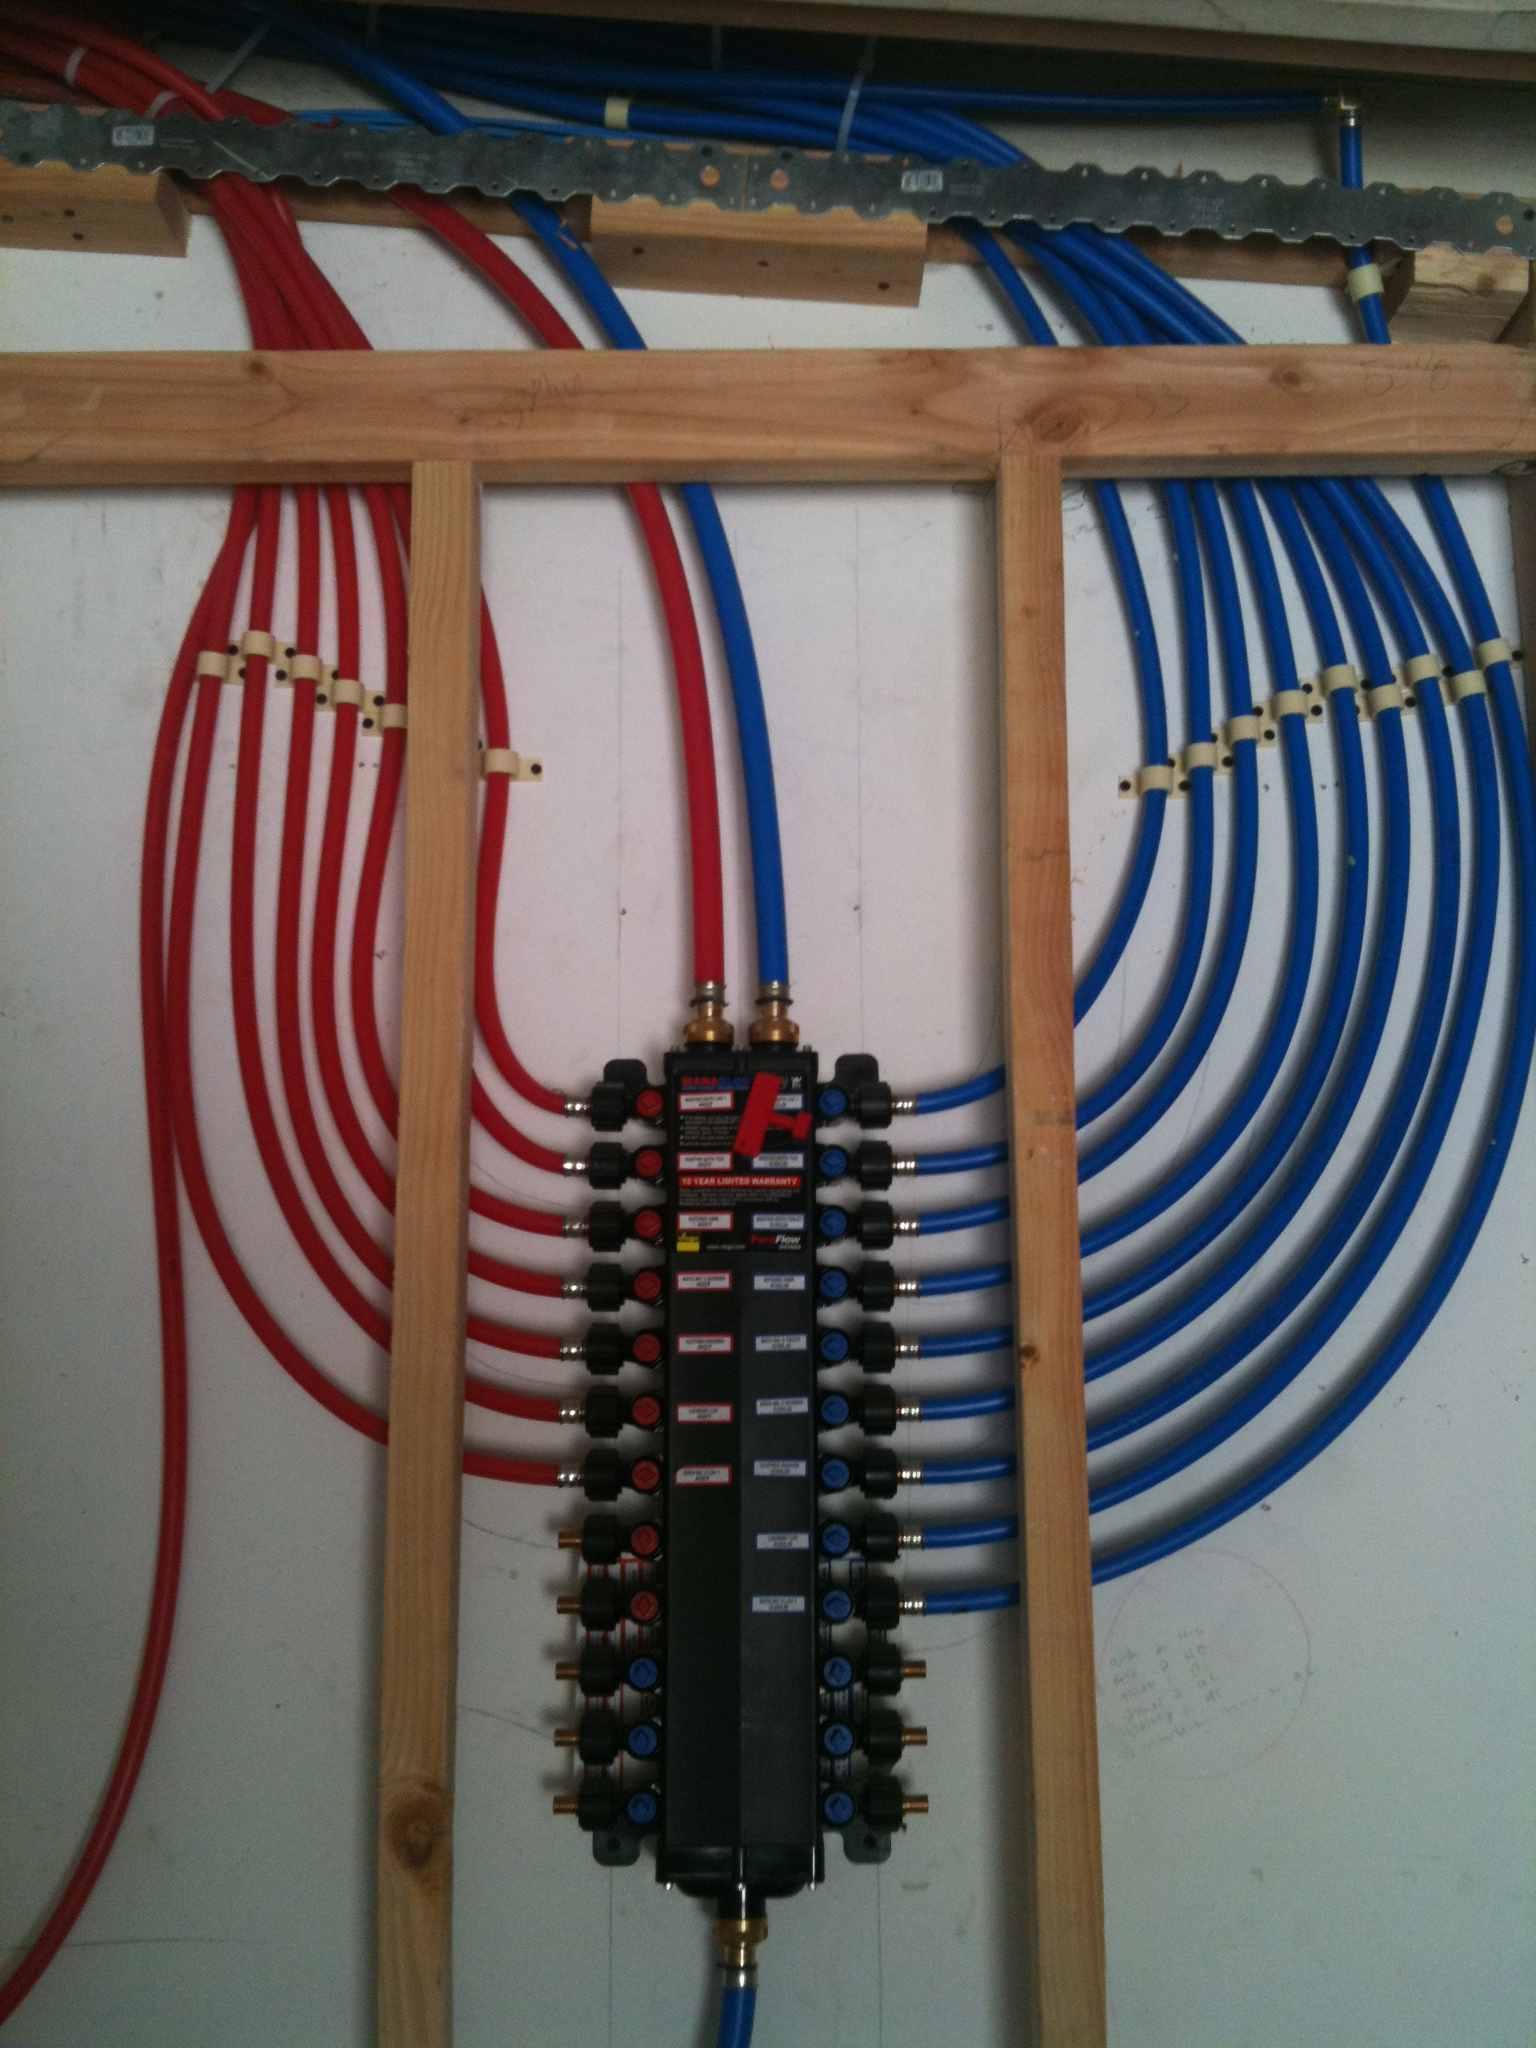 PEX plumbing manifold